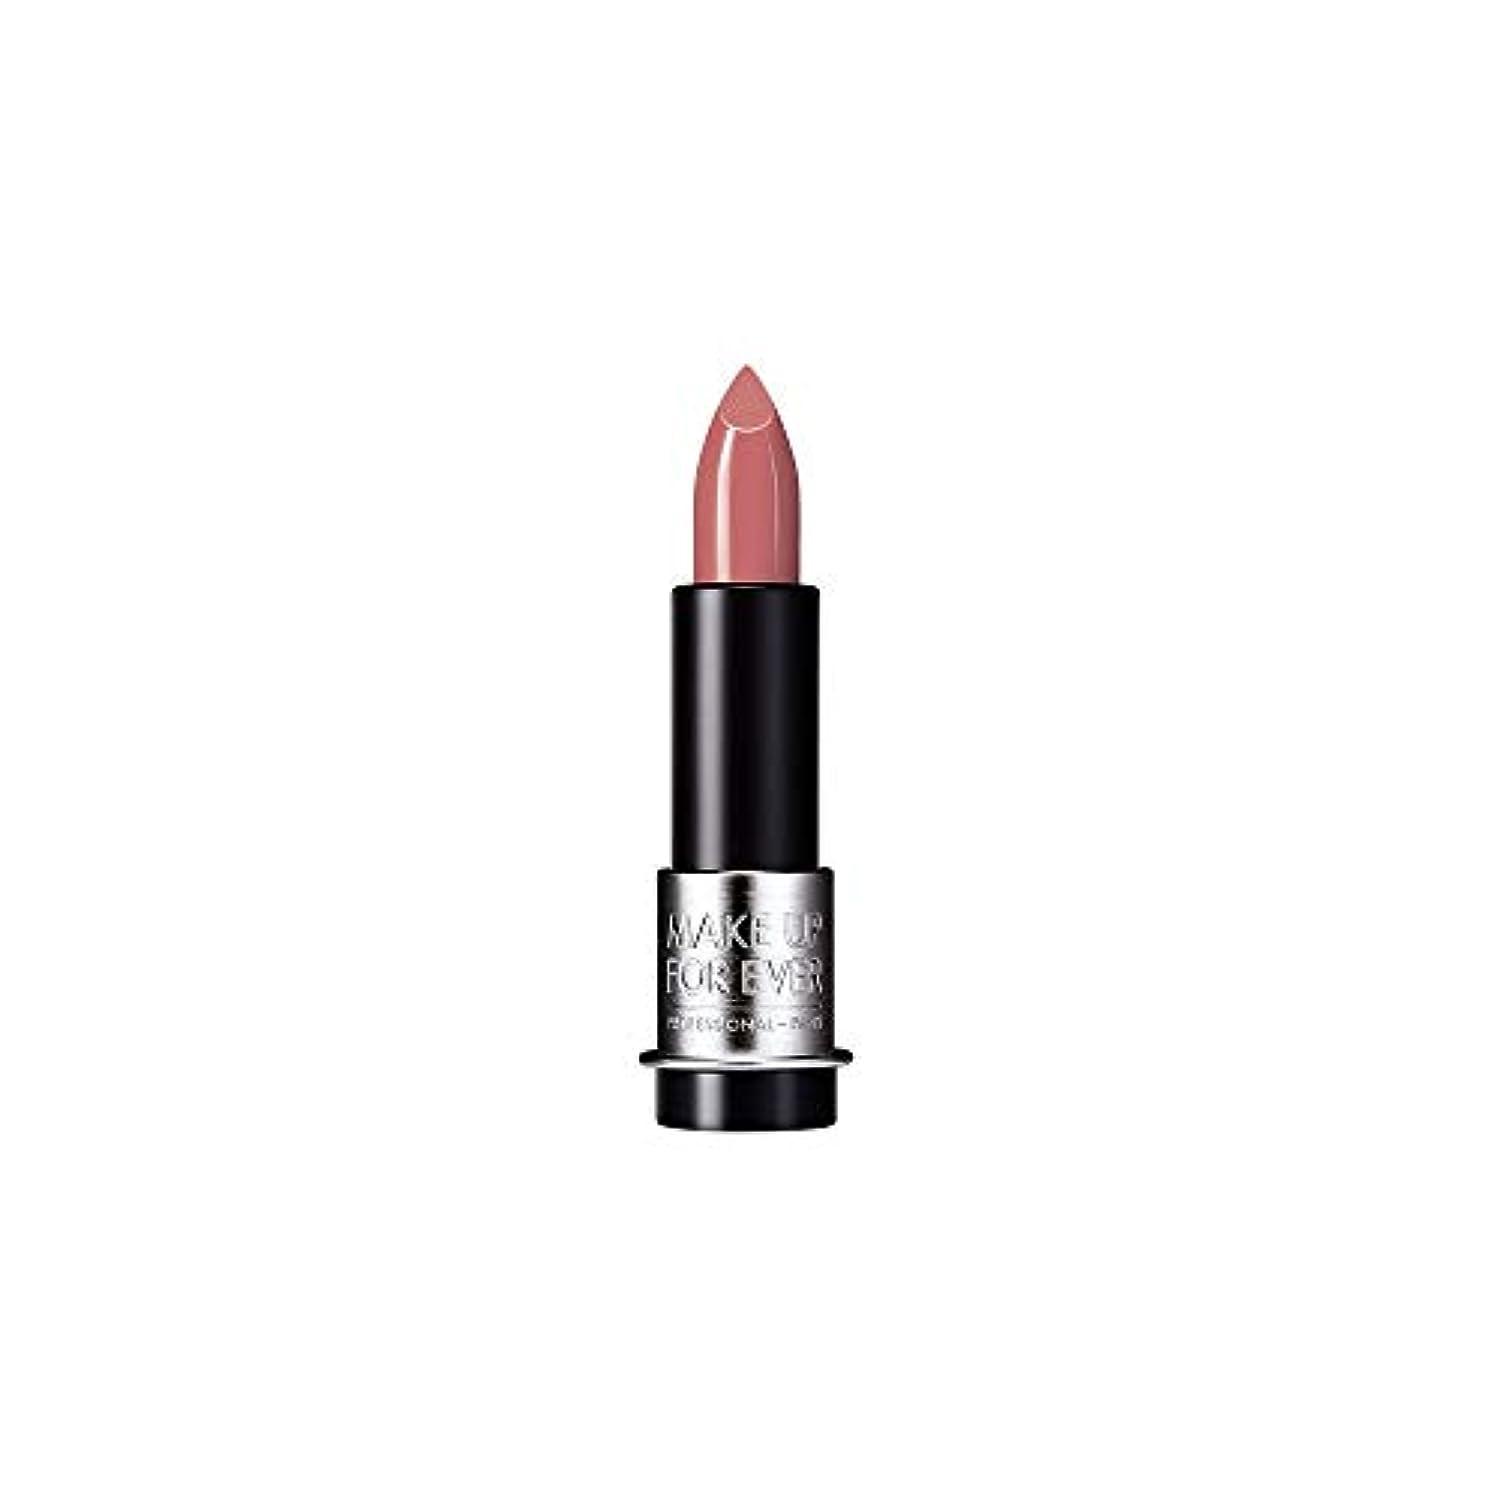 暴露賄賂抑圧者[MAKE UP FOR EVER] これまでアーティストルージュクリーム口紅3.5グラムのC211を補う - 木材をバラ - MAKE UP FOR EVER Artist Rouge Creme Lipstick 3.5g...